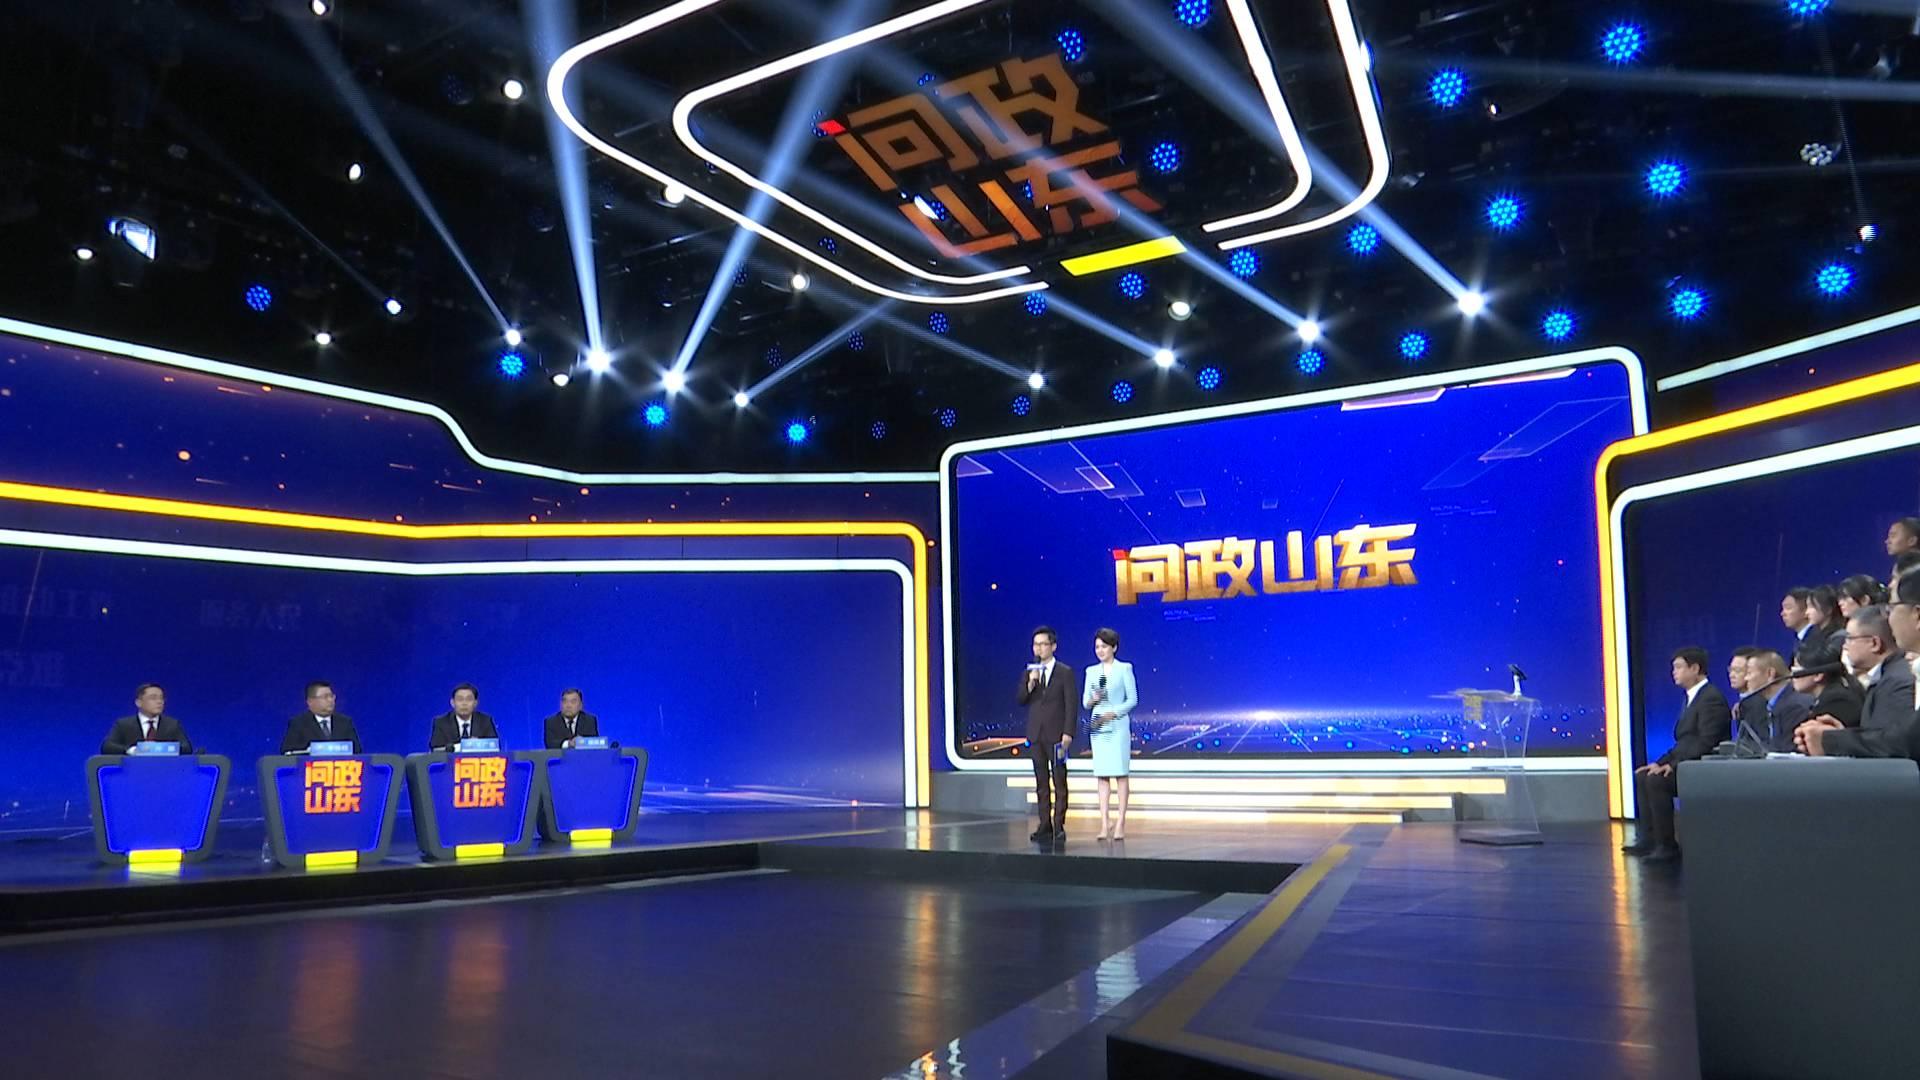 问政山东丨滨州经开区管委会副主任王广忠:打造更好的营商环境 让企业进得来 留得住 发展好